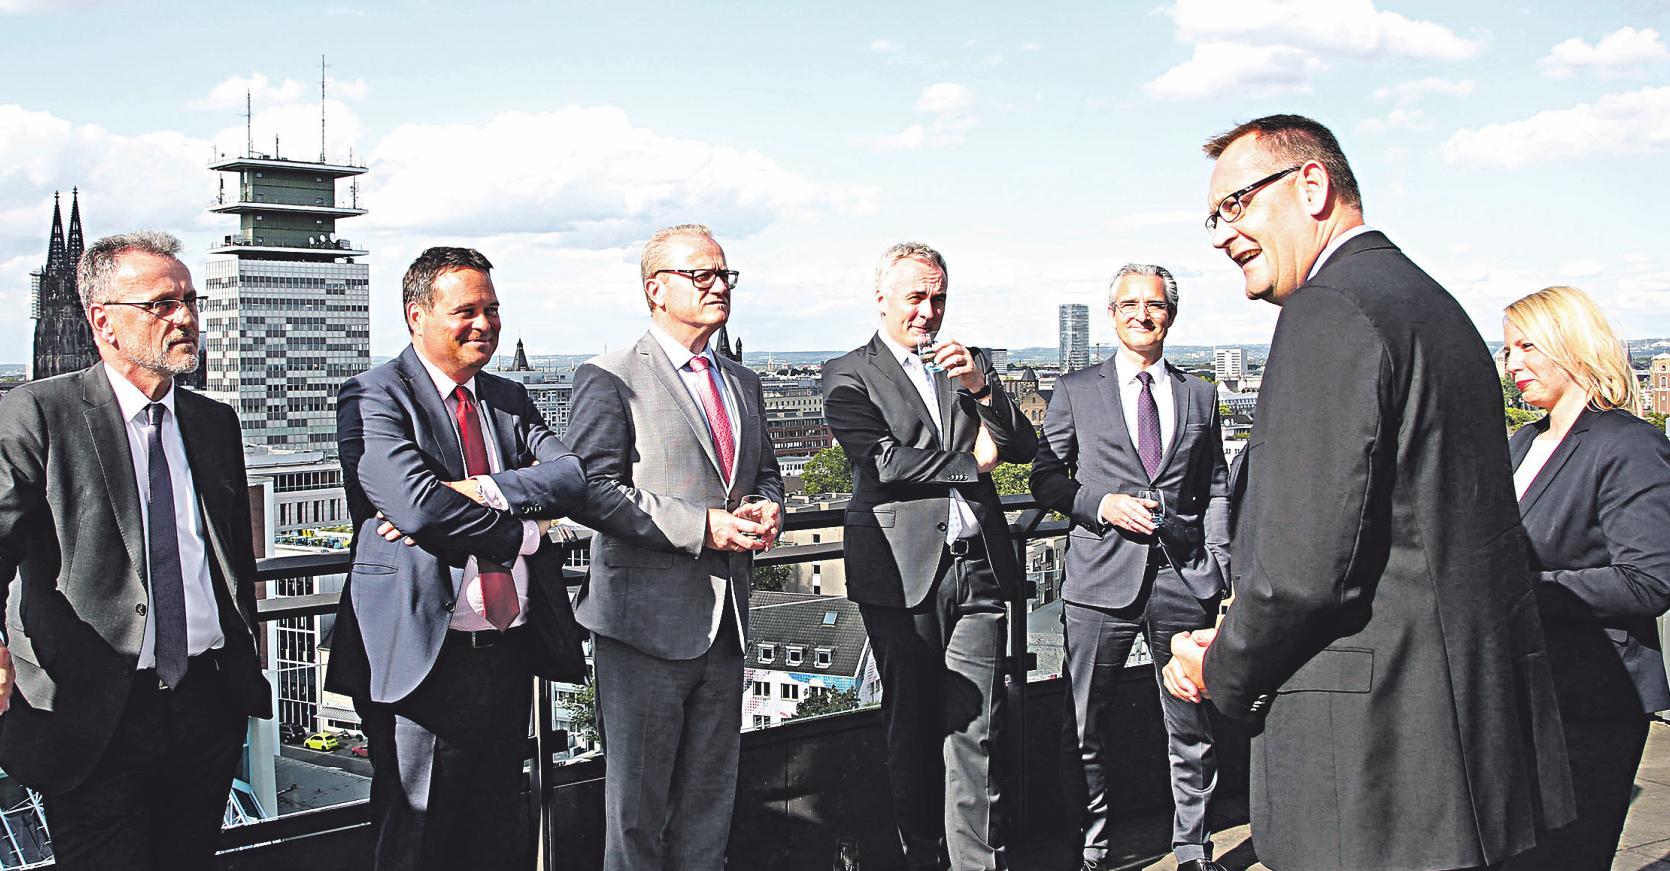 Karsten Hundhausen, Geschäftsführer Tageszeitungen, Anzeigenblätter und Hörfunk des Medienhauses DuMont Rheinland (im Vordergrund), begrüßt die Teilnehmer des Runden Tisches Bild: Thomas Banneyer